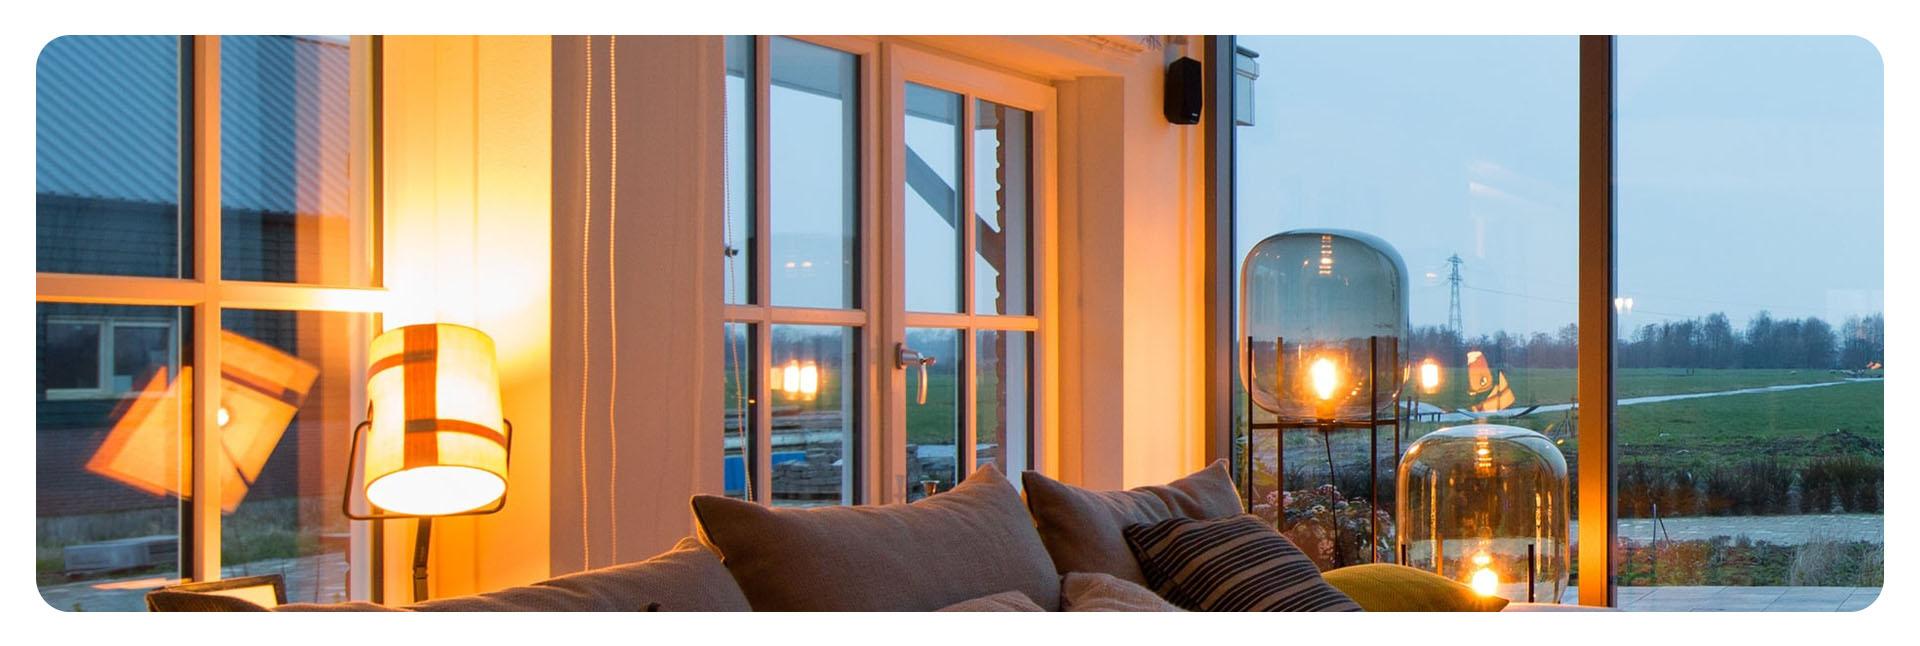 imagen-ventanas